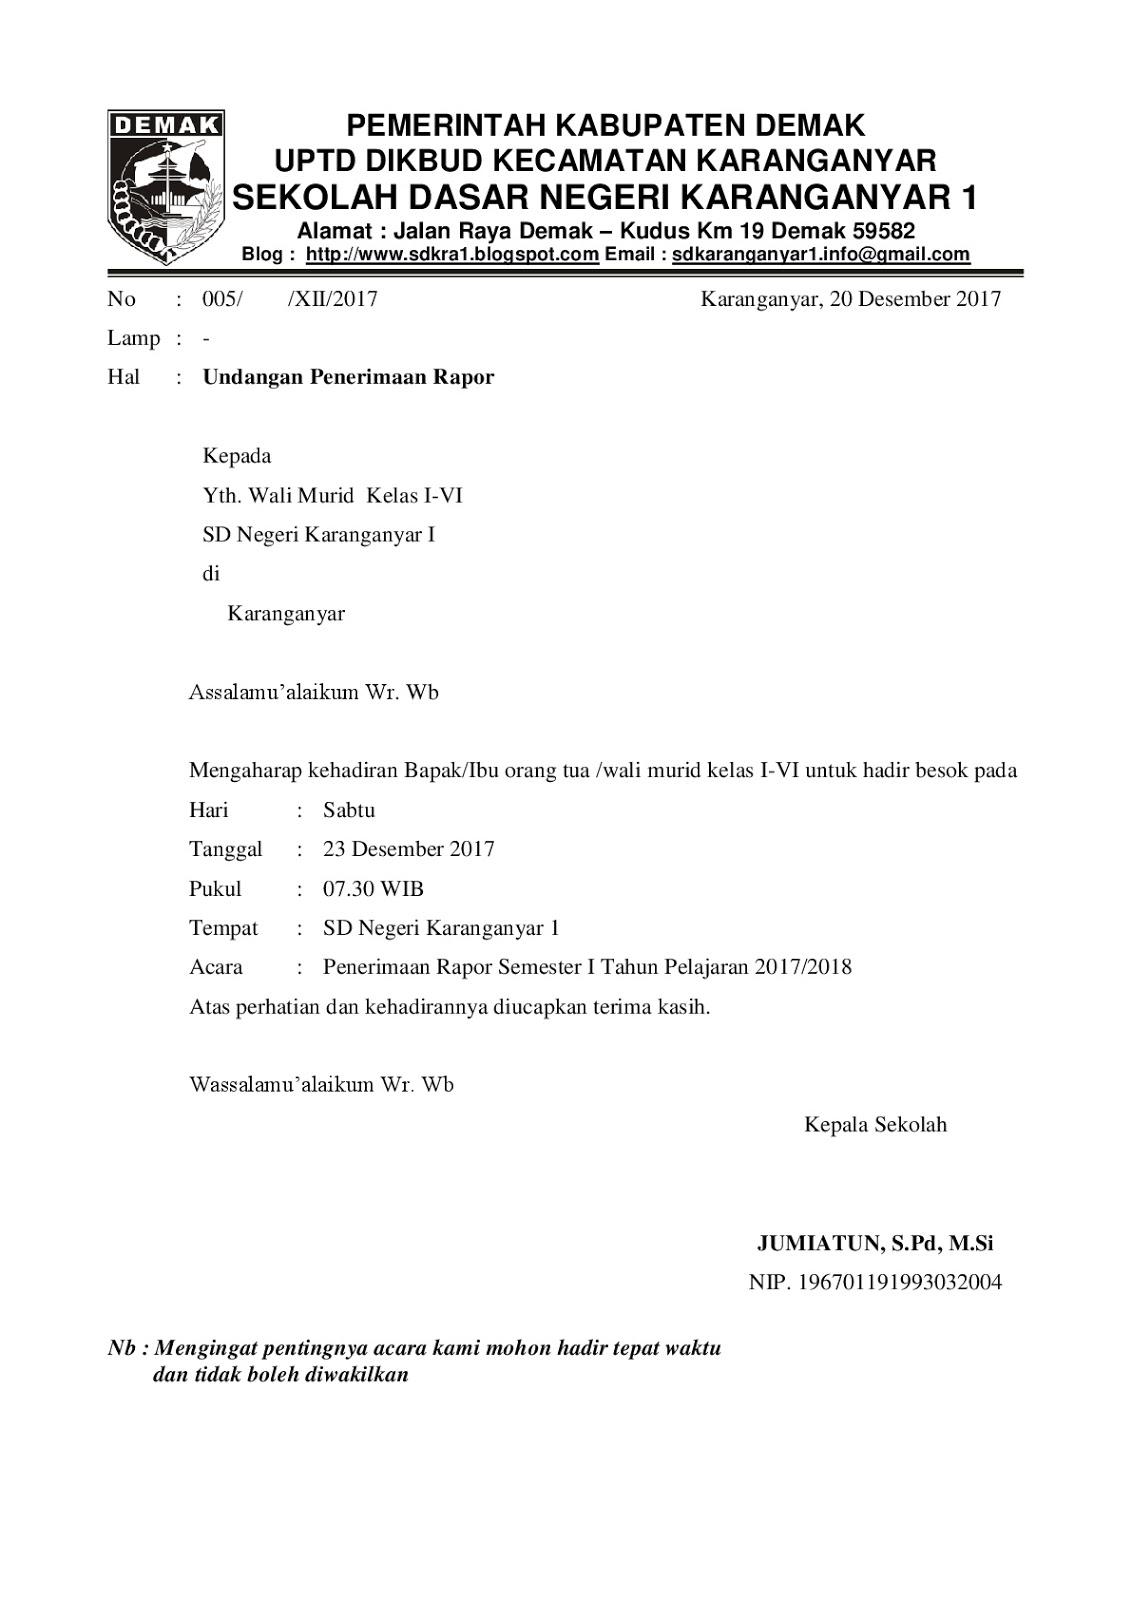 21+ Contoh Surat Undangan Pengambilan Raport Paud | Lucn ...